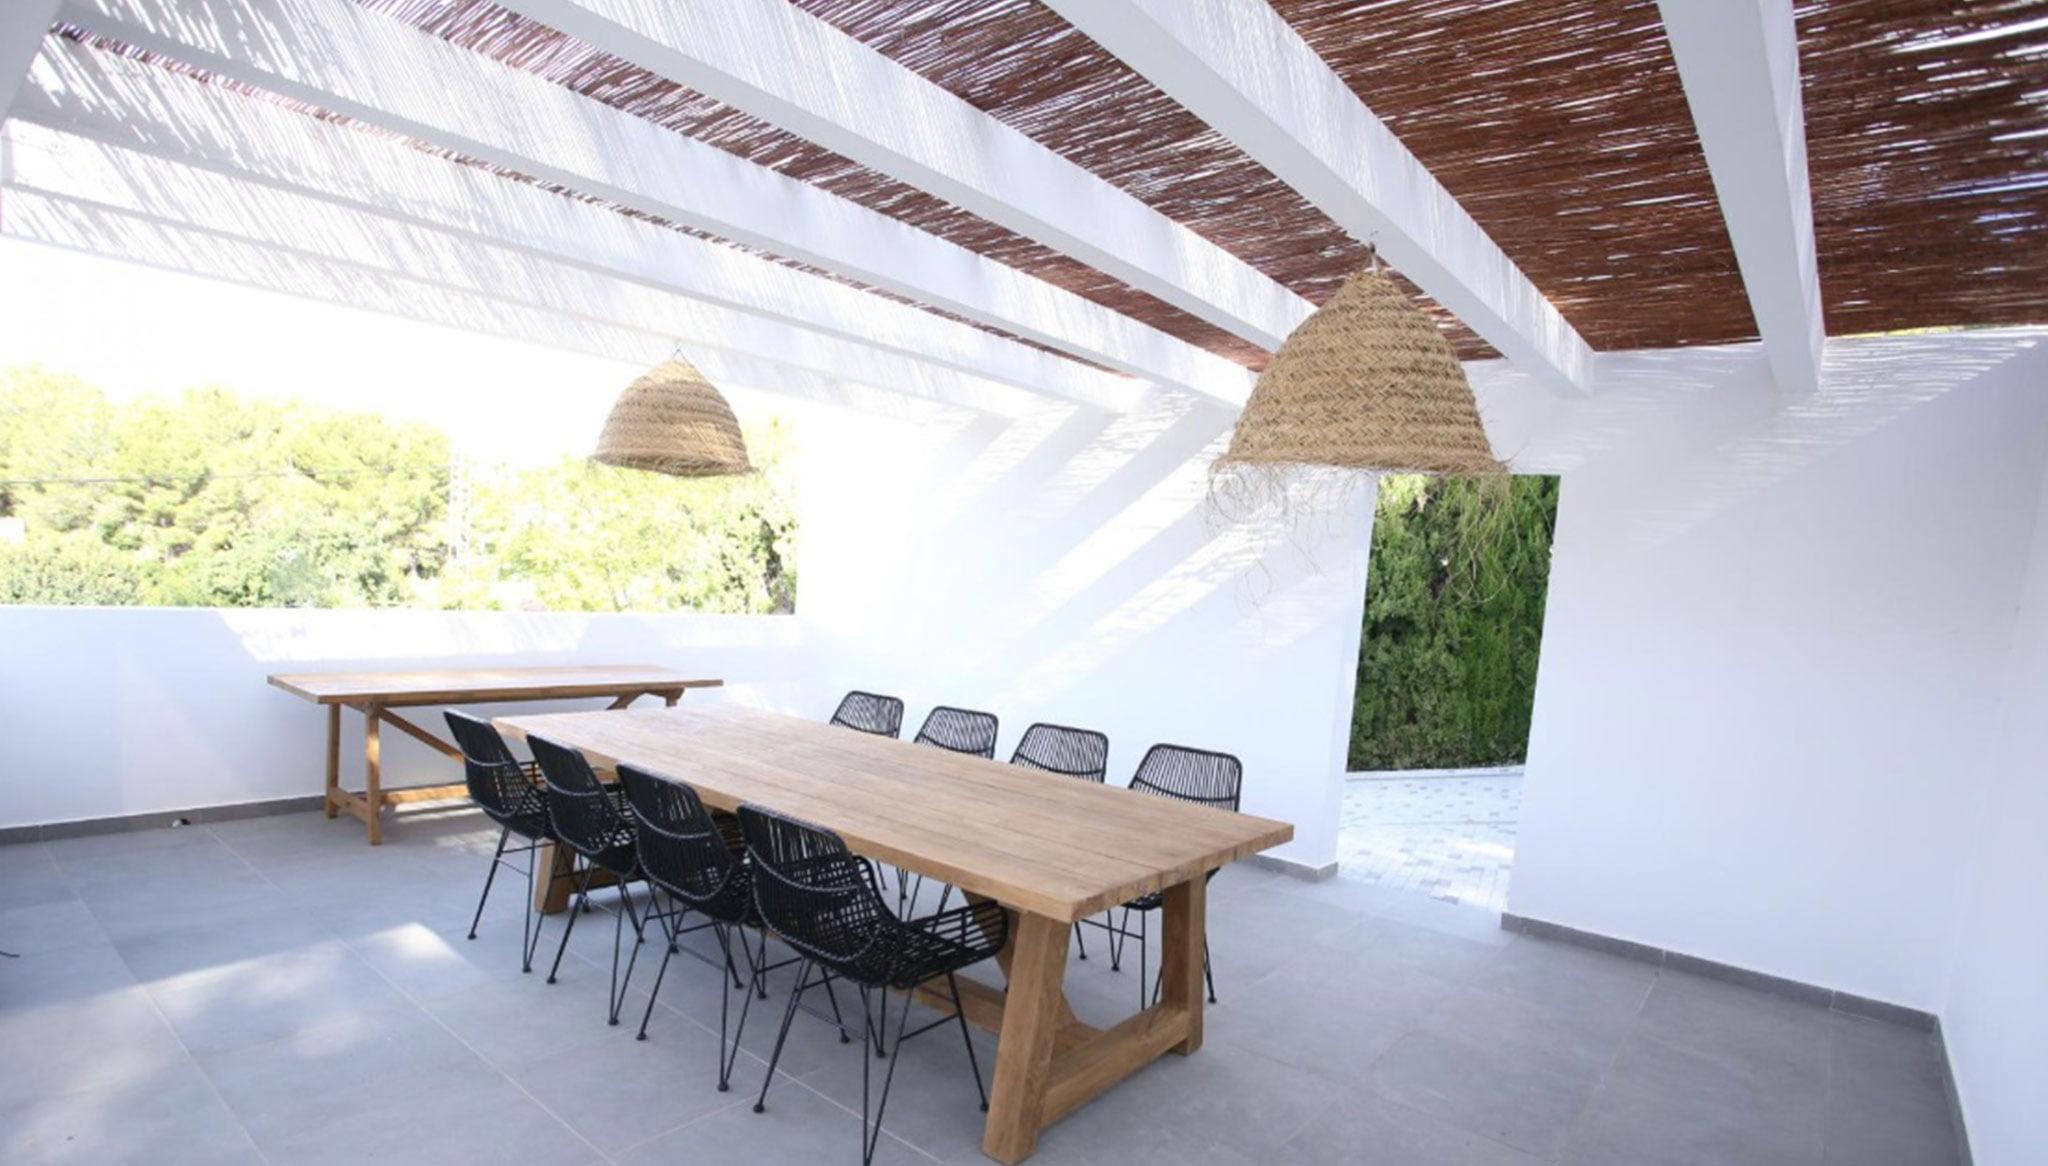 Eetkamer buiten onder een pergola - Fine & Country Costa Blanca Noord